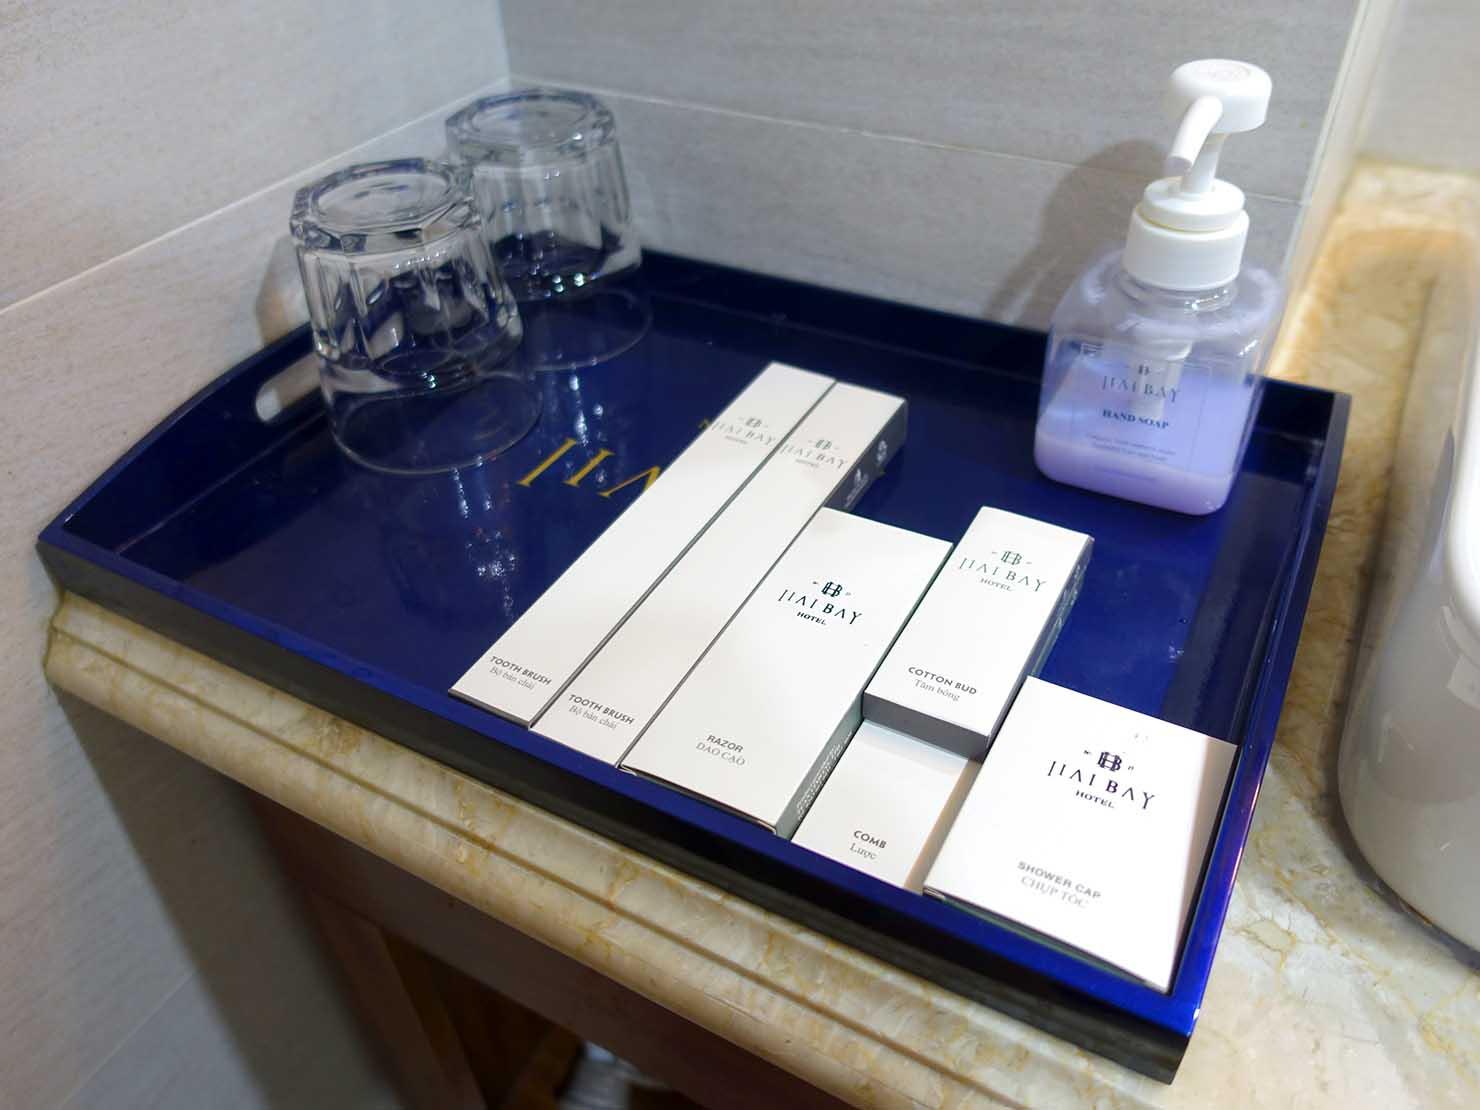 ハノイ旧市街ど真ん中の観光に便利なおすすめホテル「Hai Bay Hotel」エグゼクティブ・ダブルルームのバスルームアメニティ